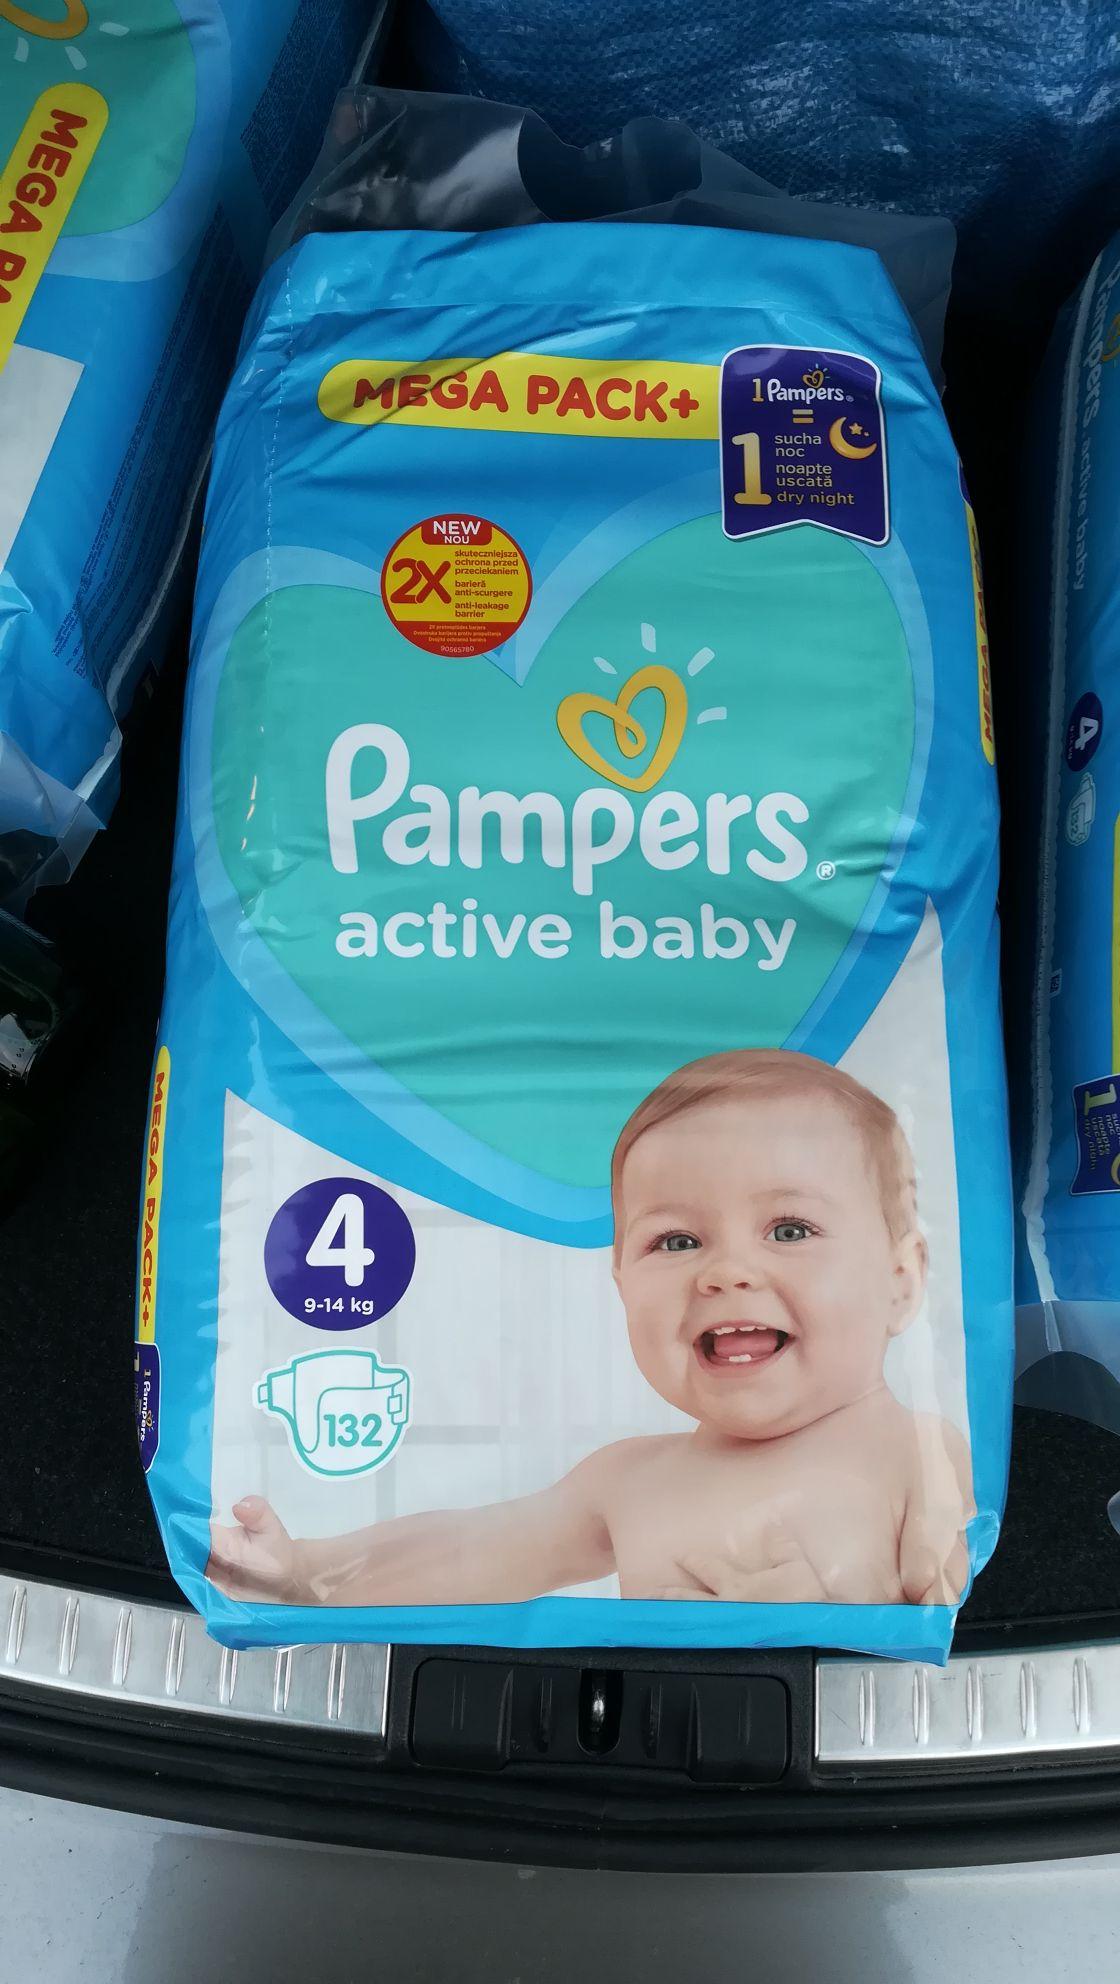 Pampers Active Baby 4 w Lidlu po 0,55 zł za szt.